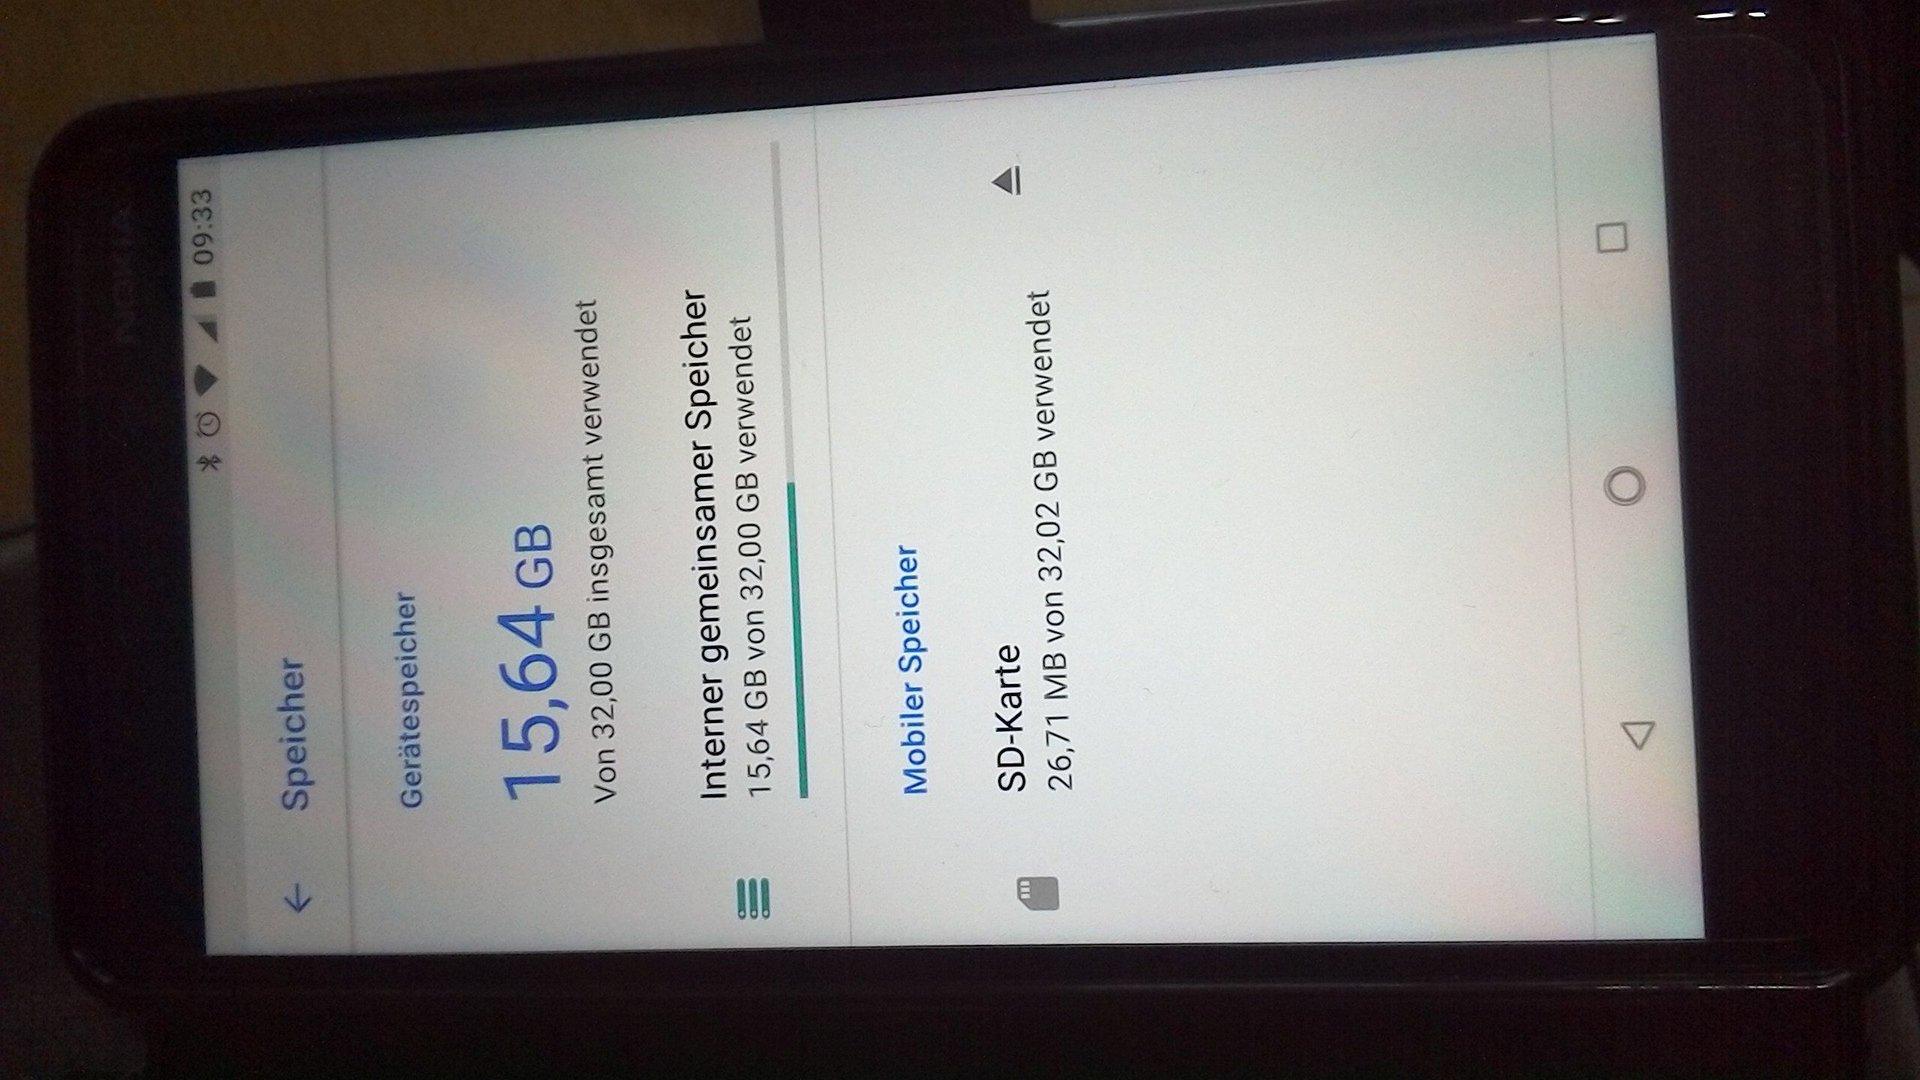 Sd Karte Als Standardspeicher Einstellen.Nokia 6 2018 Wie Kann Ich Apps Auf Die Sd Auslagern Nokia 6 1